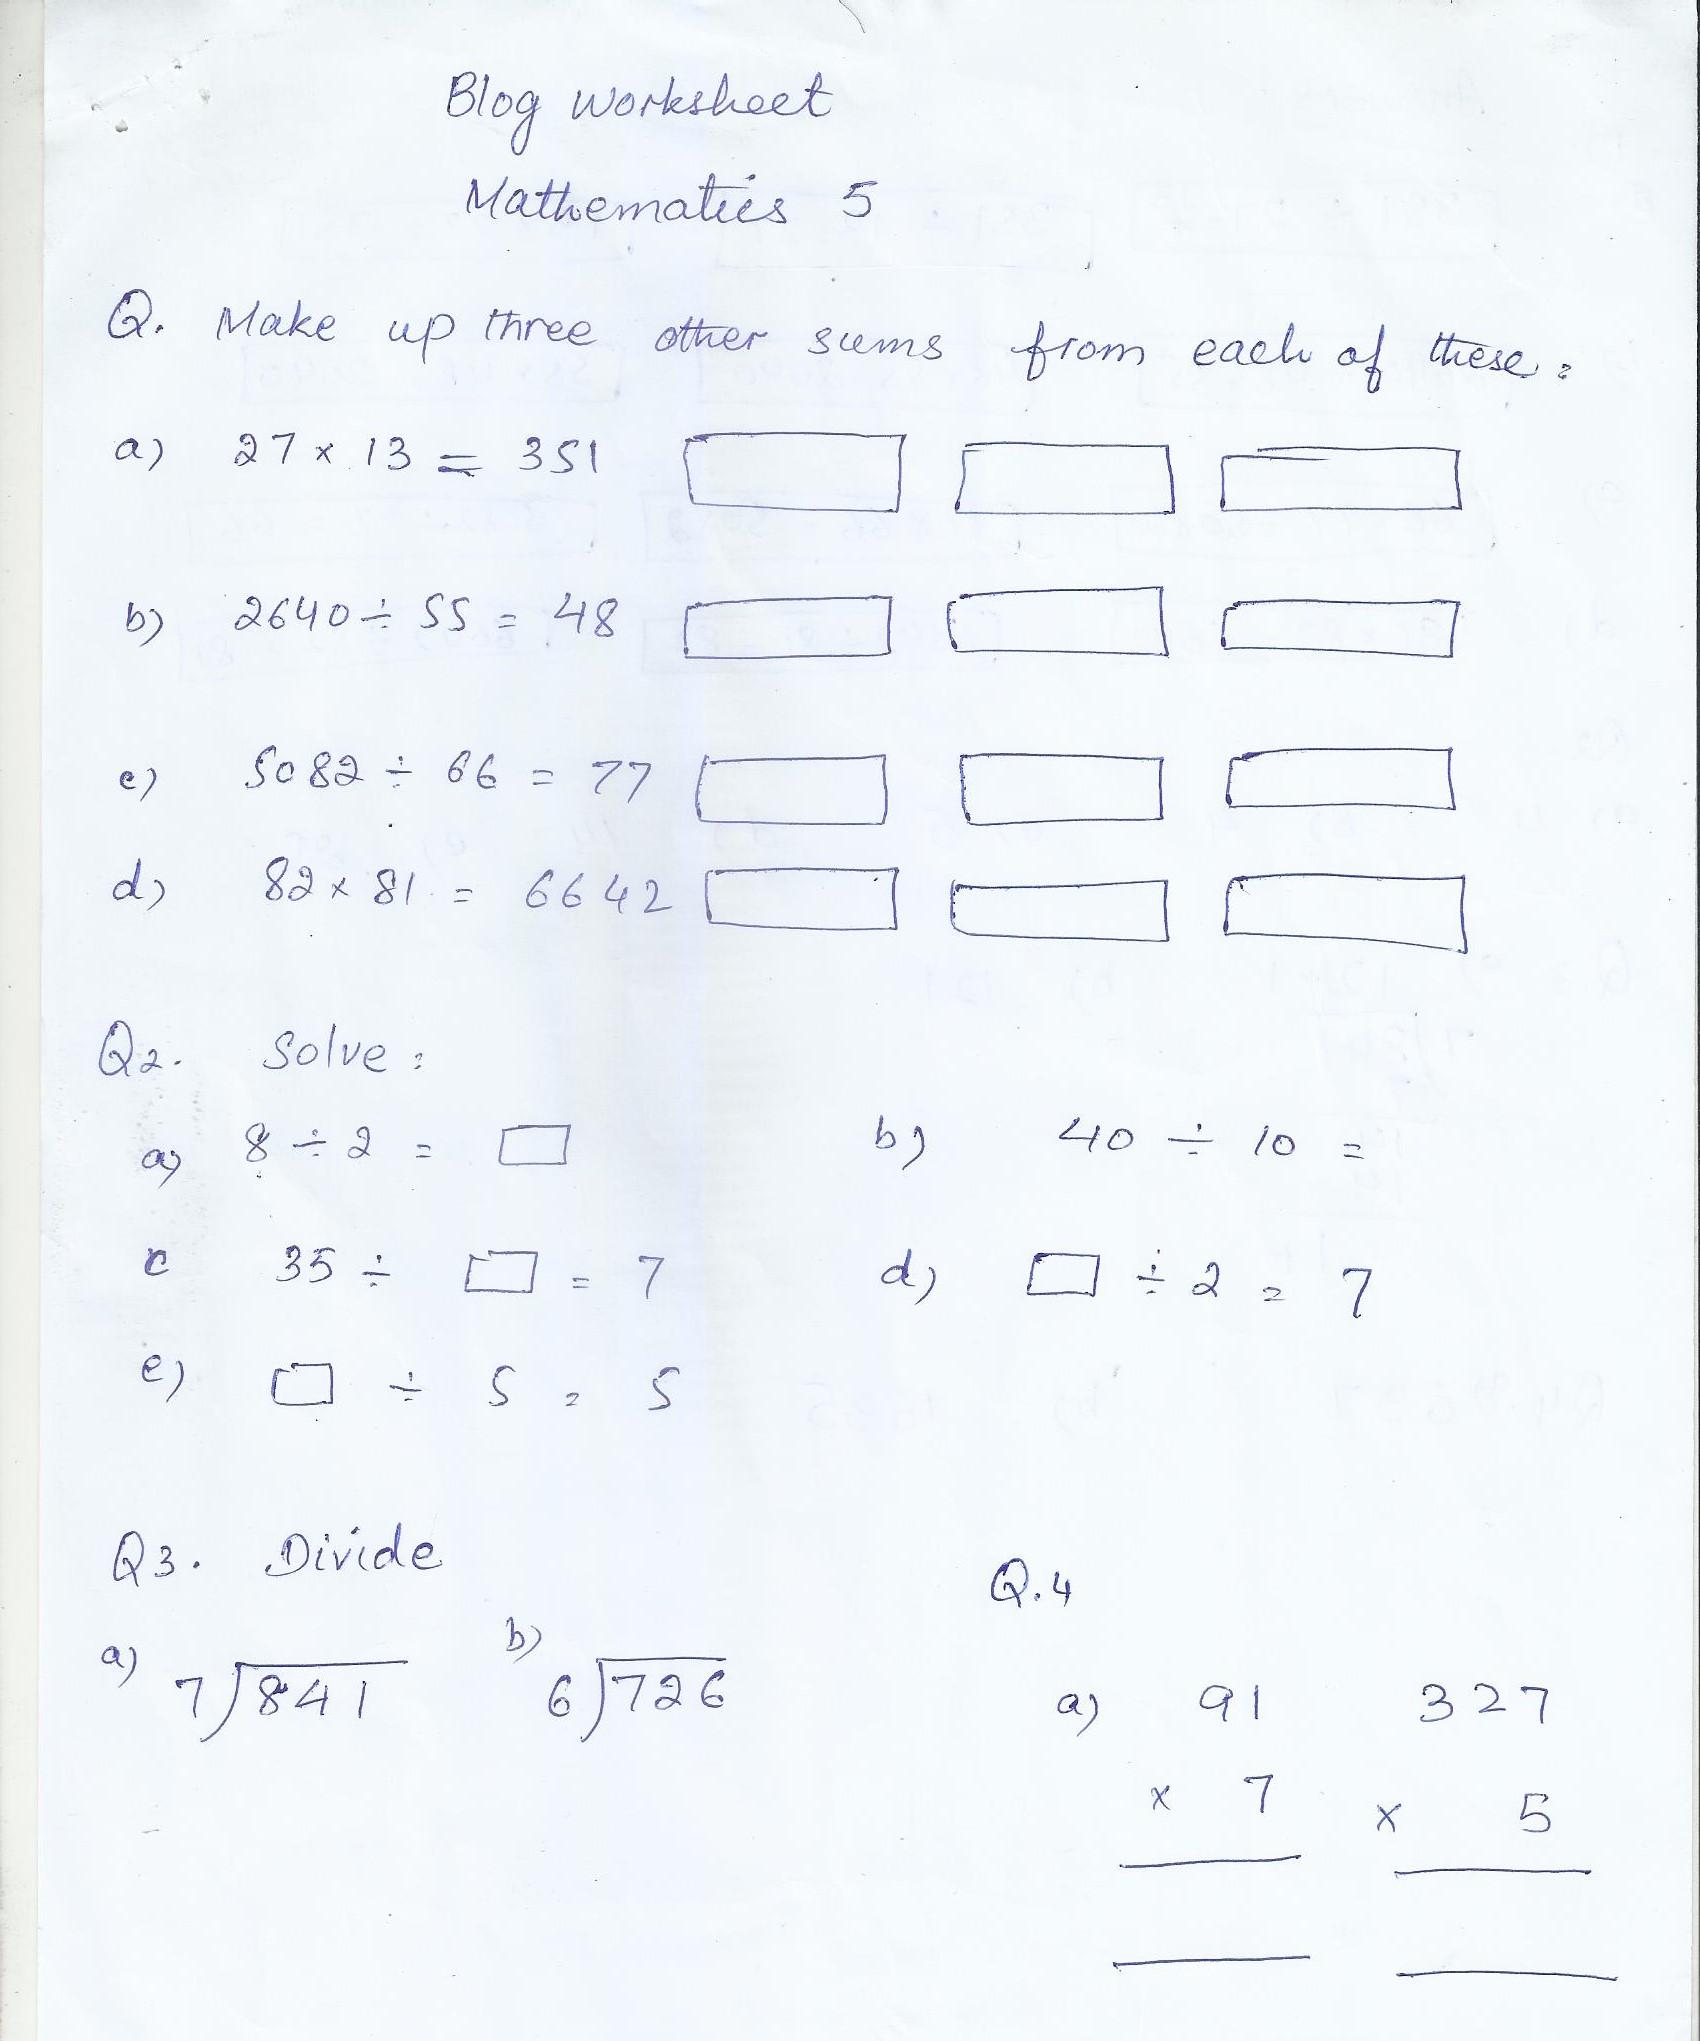 Math Blog Worksheet Class 5 Paf Juniors